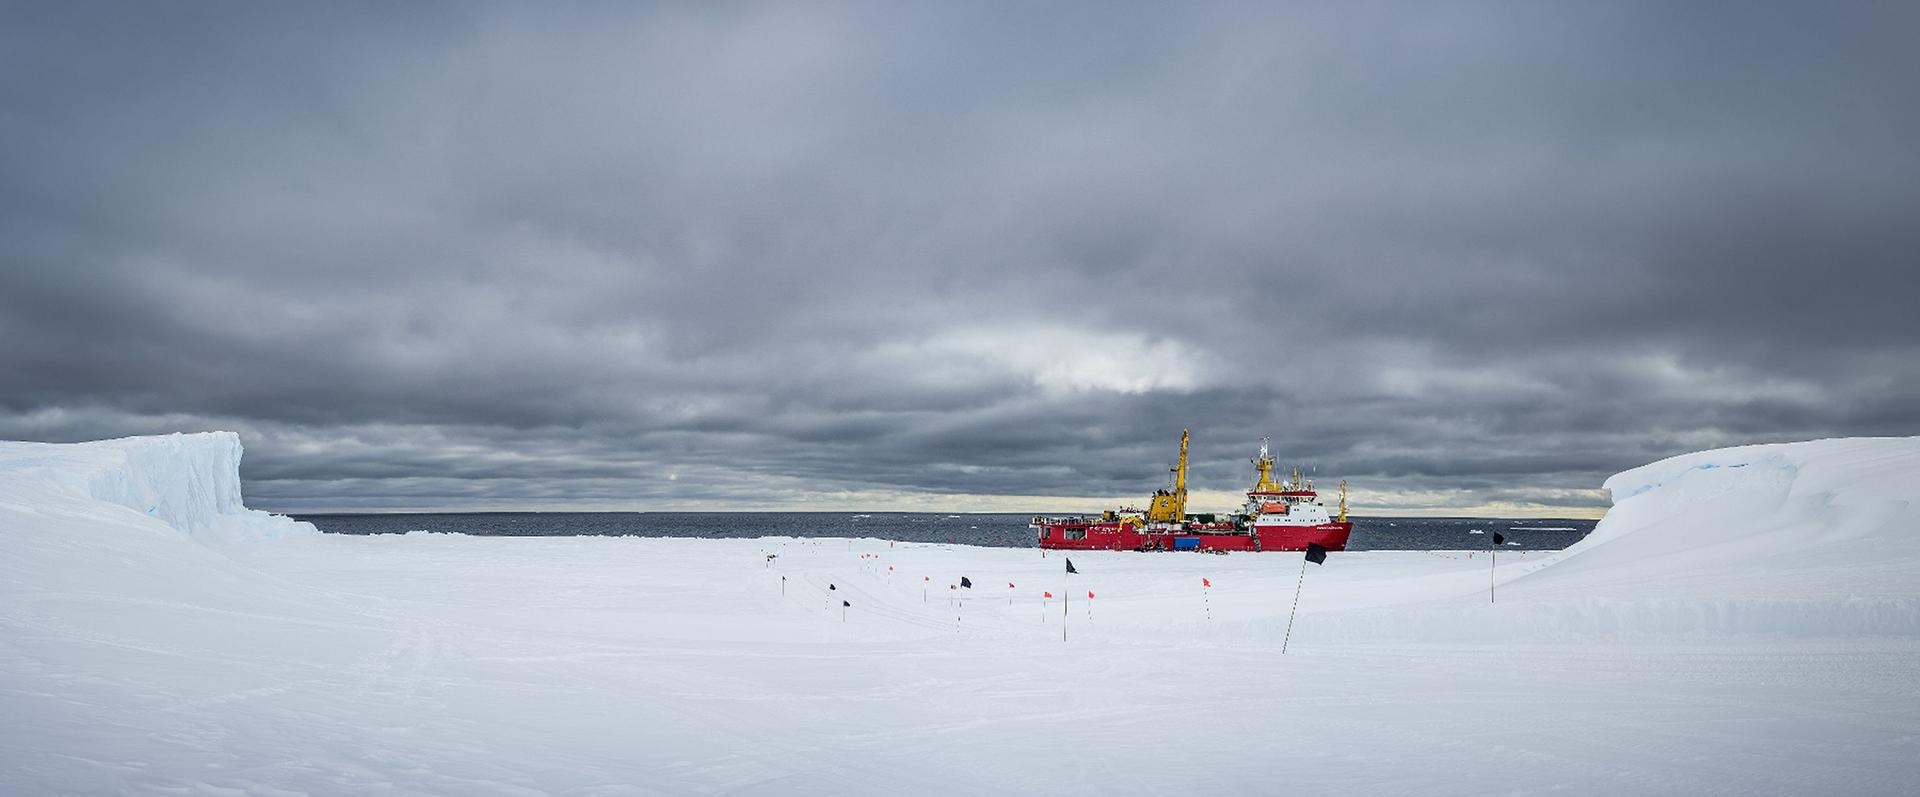 Un rompehielos surca el mar antártico